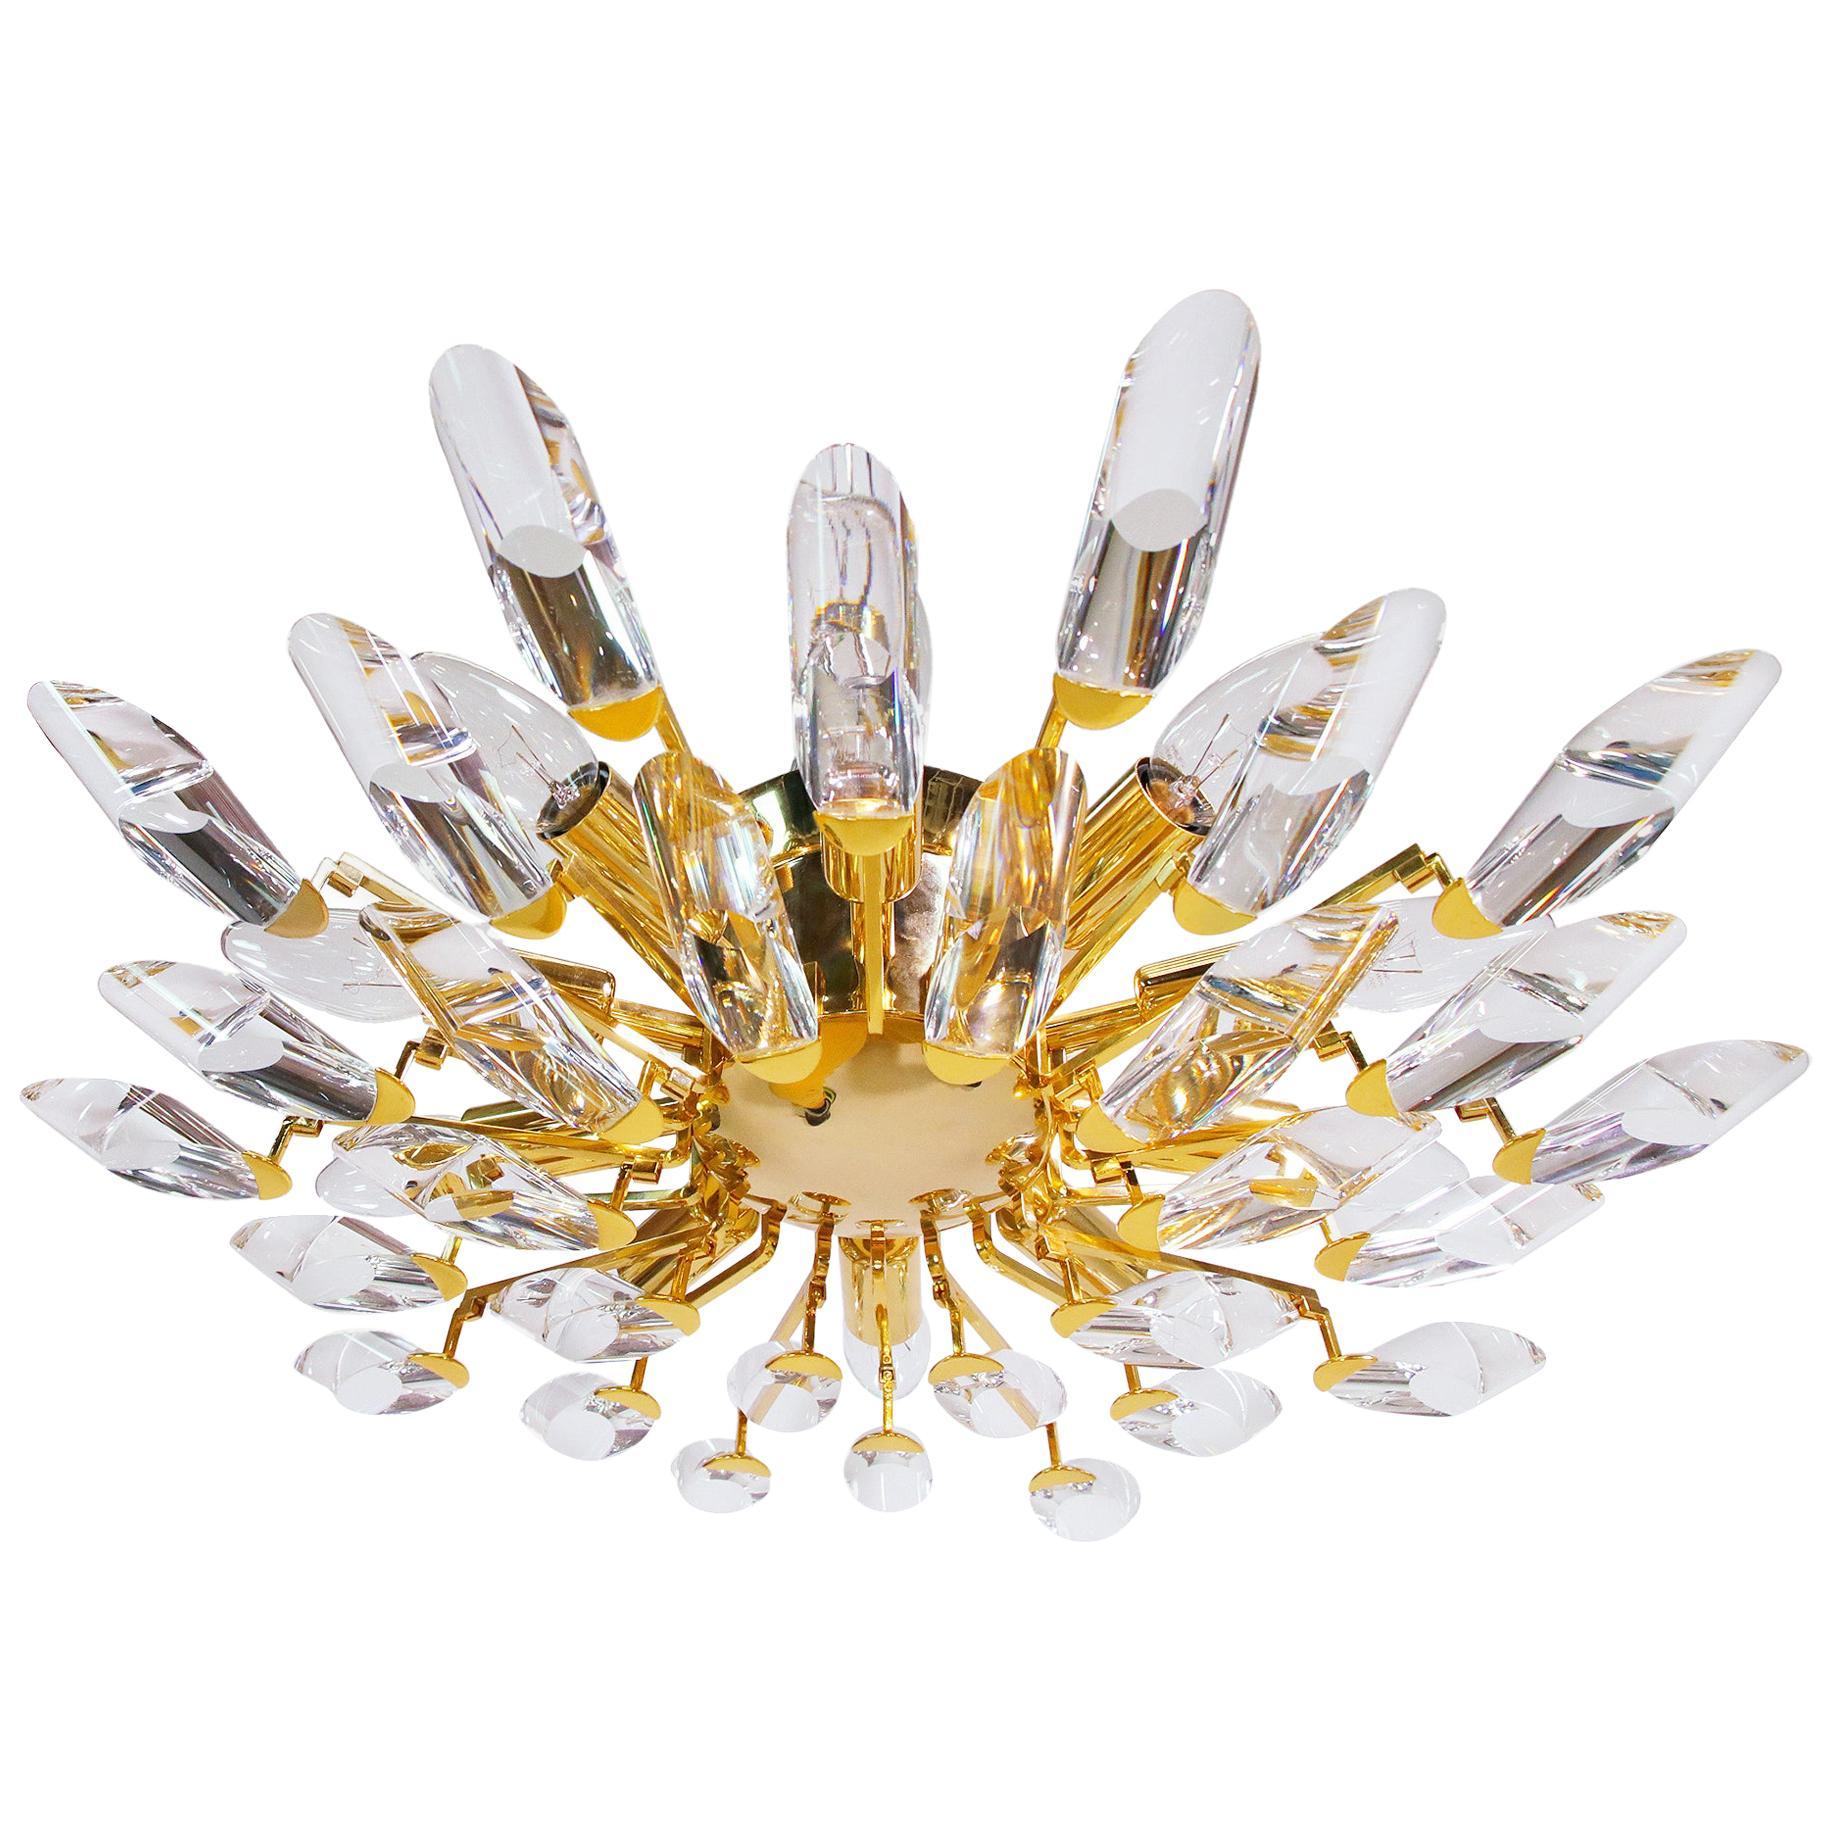 1970s Italy Stilkronen Flush Mount Chandelier Crystal Glass & Gilt Brass